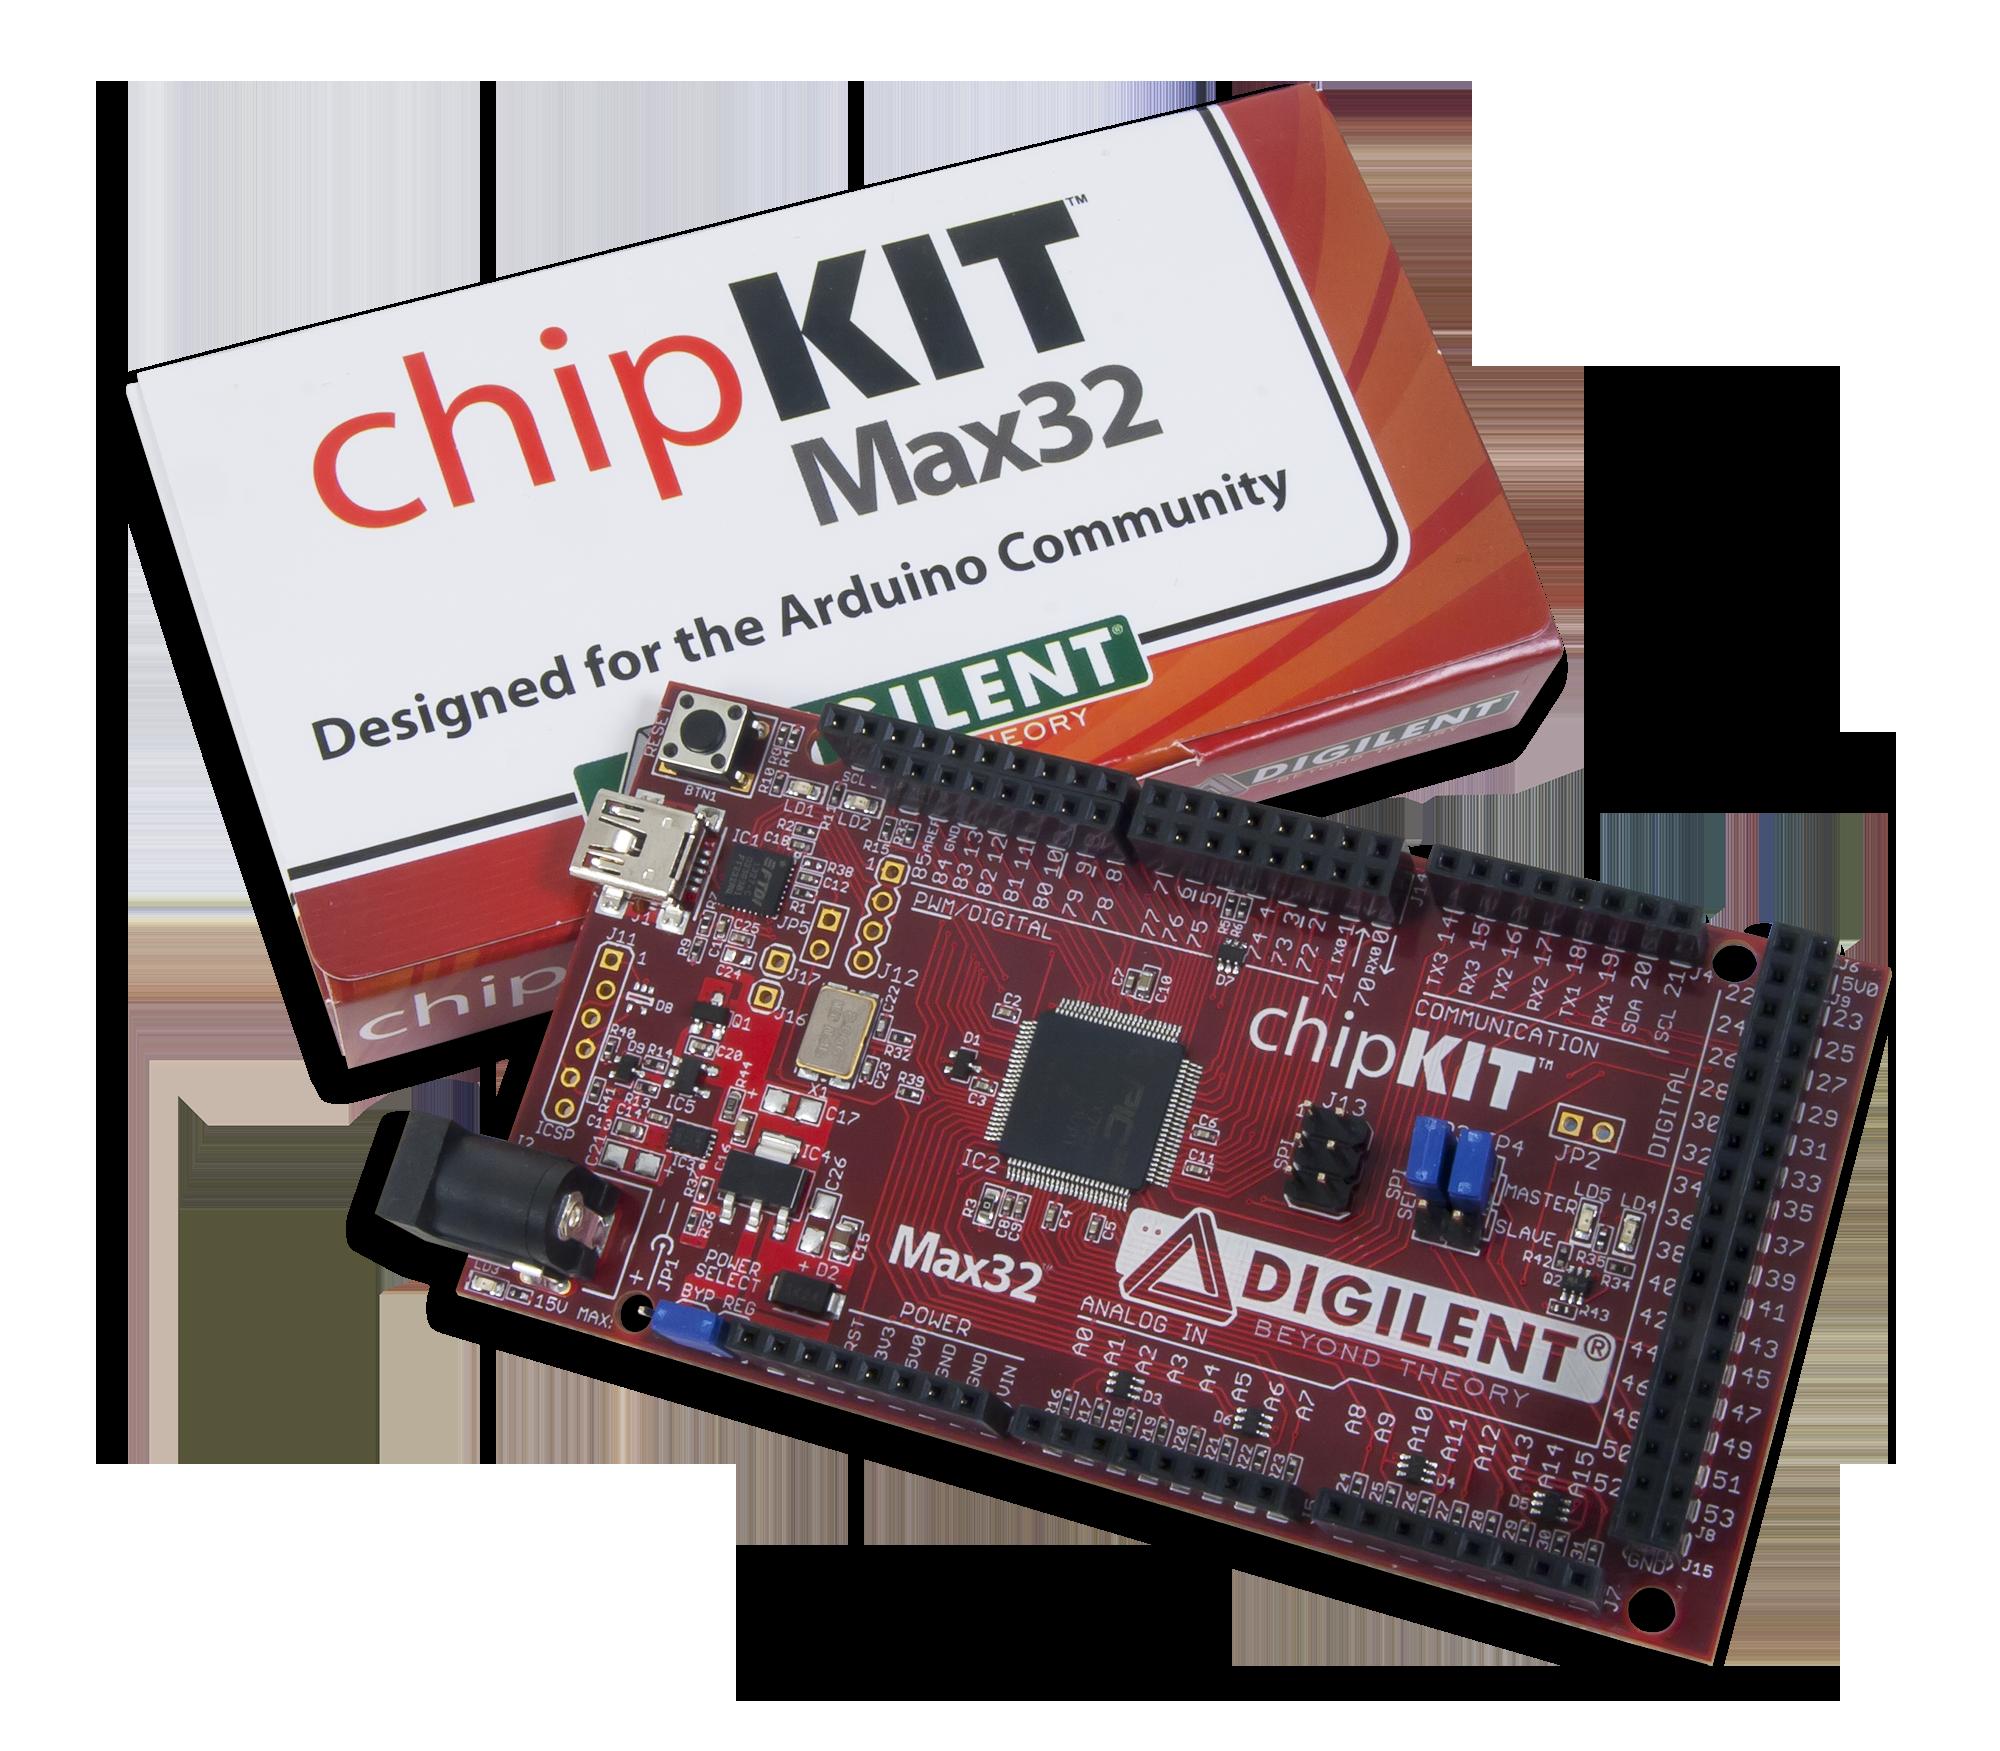 chipkit_max32:15759559154_83ab0161ed_o.png